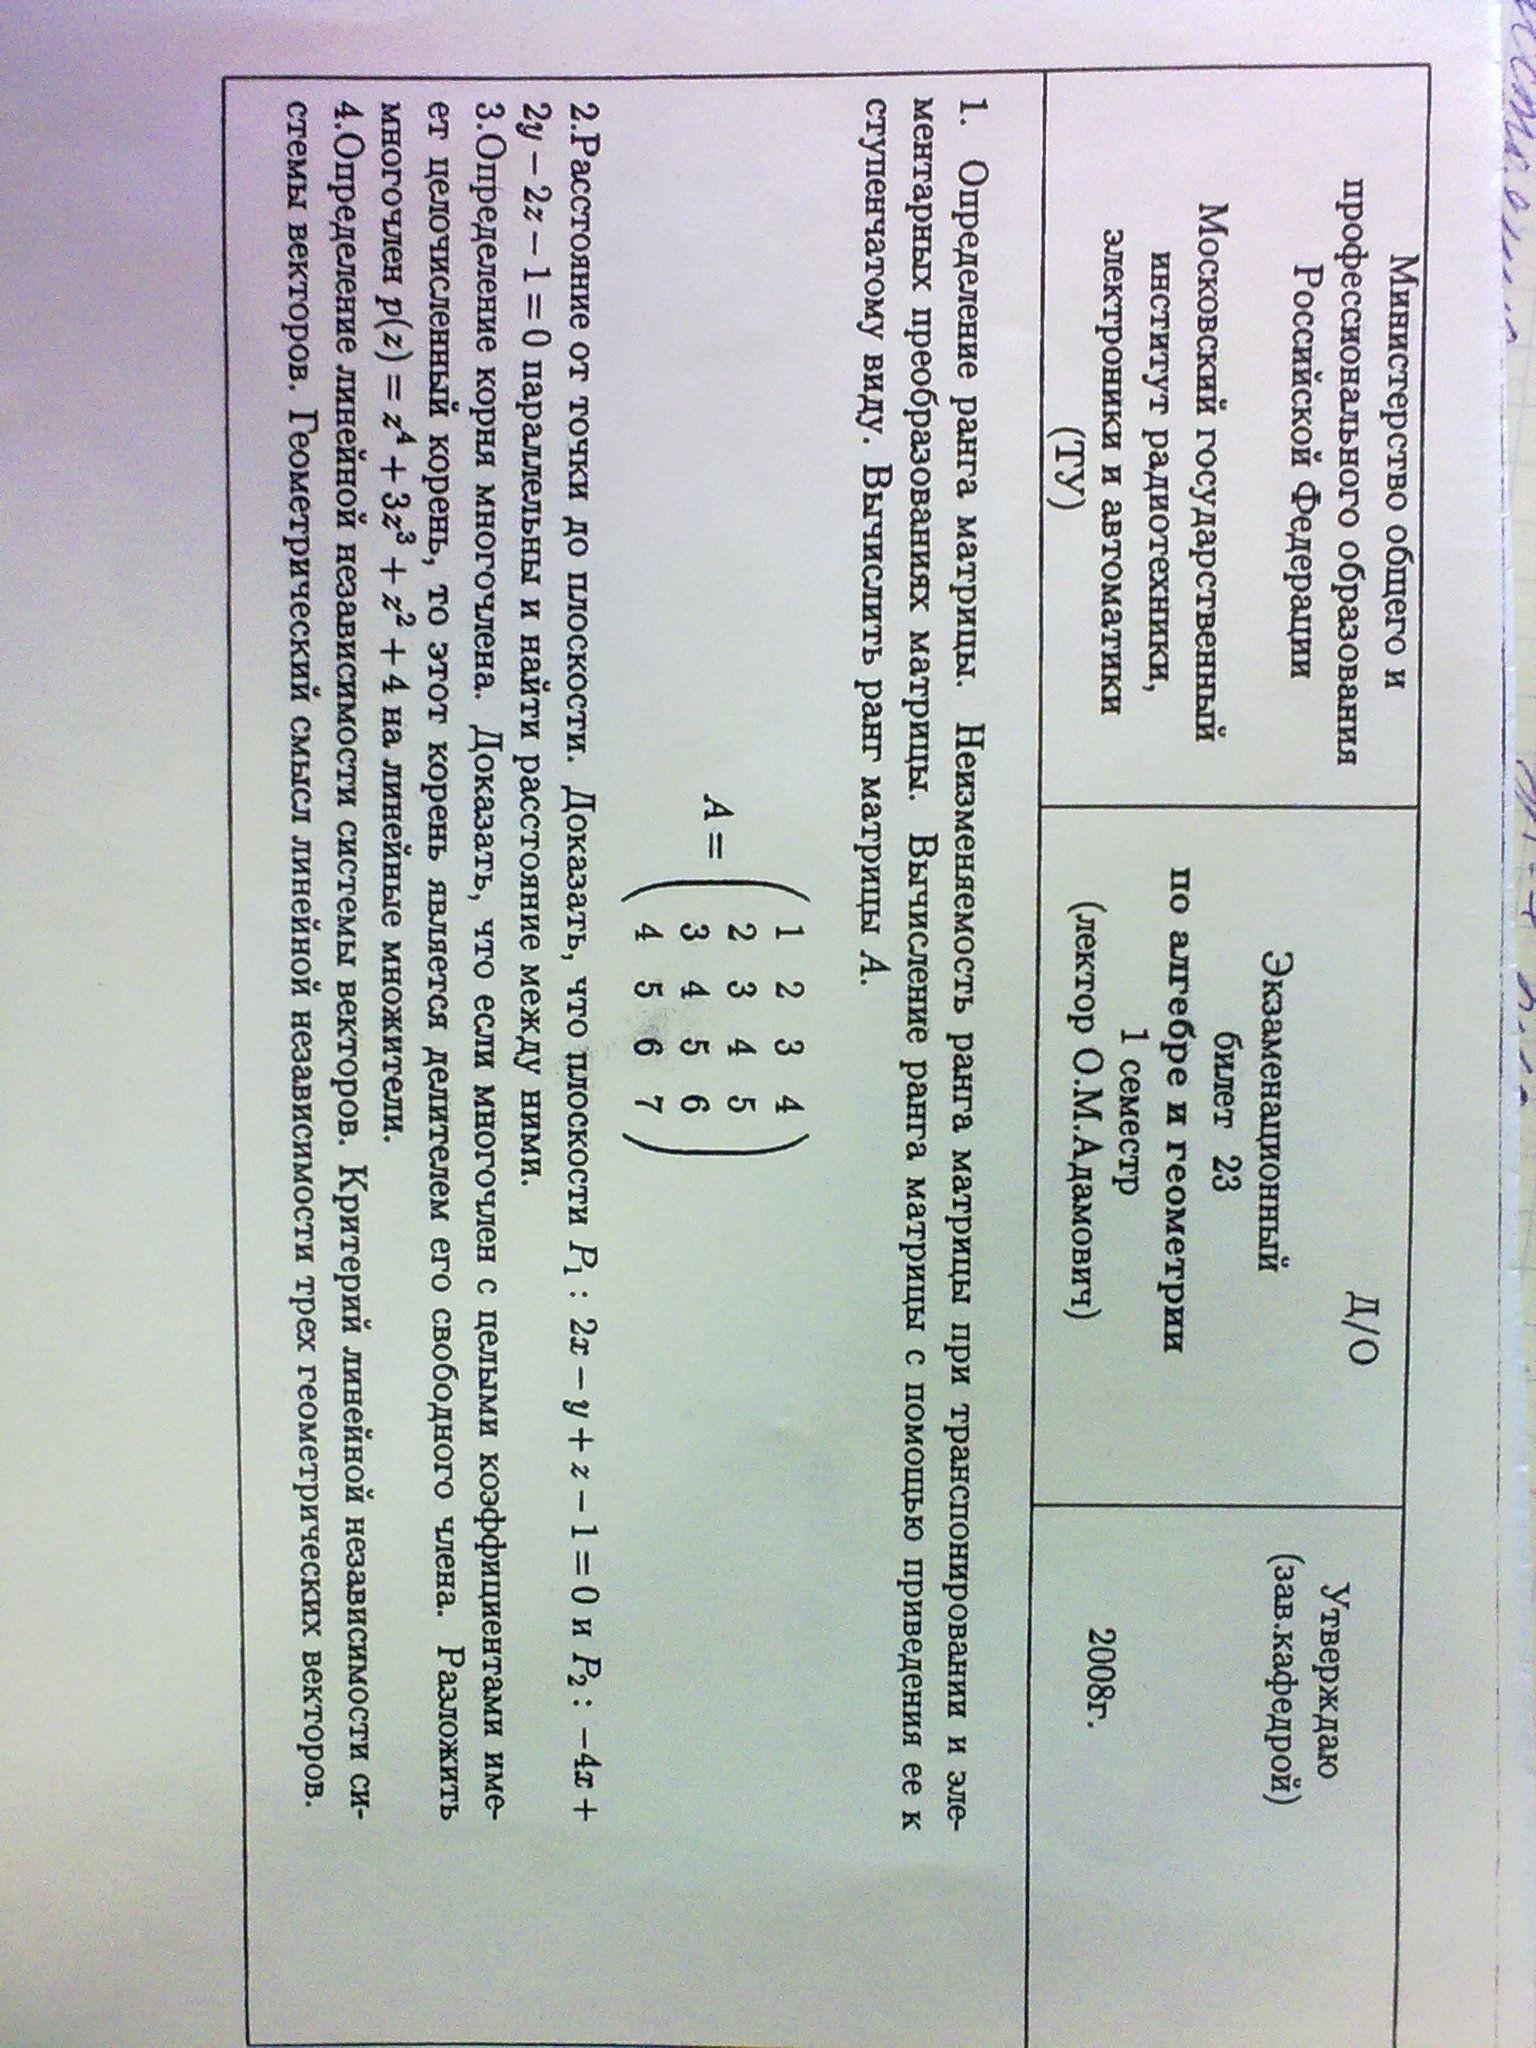 Учебник по линейной алгебре гуап.rar